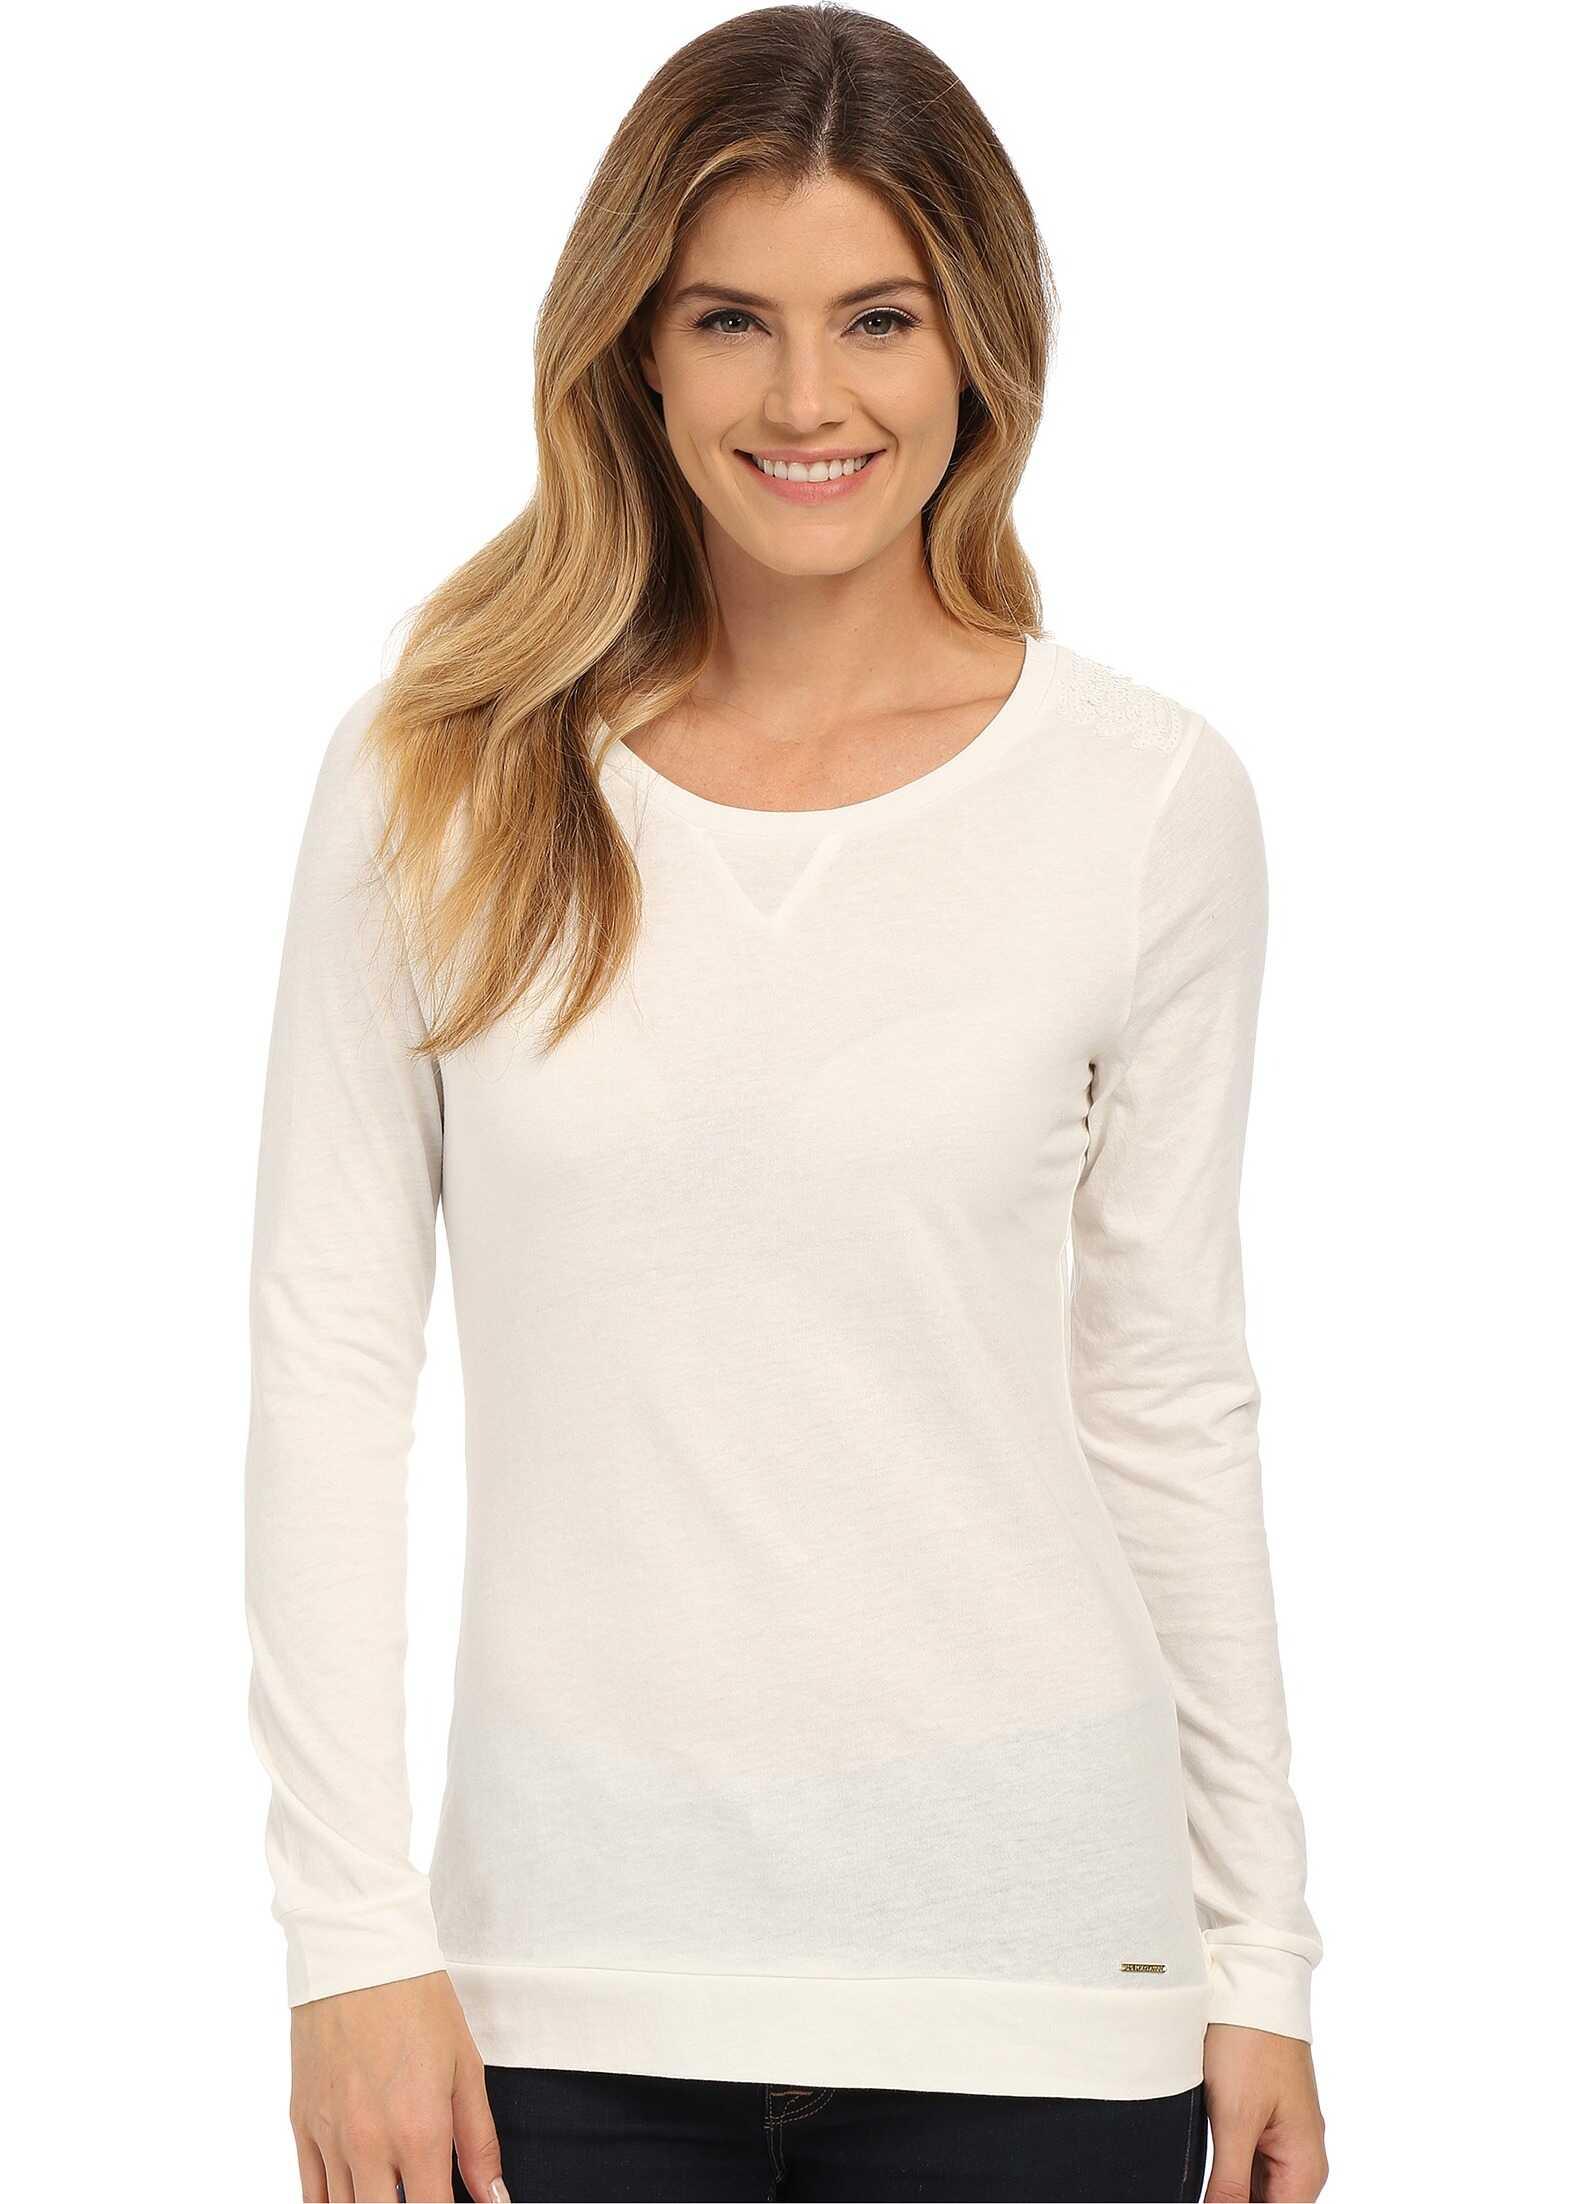 Sequin Yoke T-Shirt